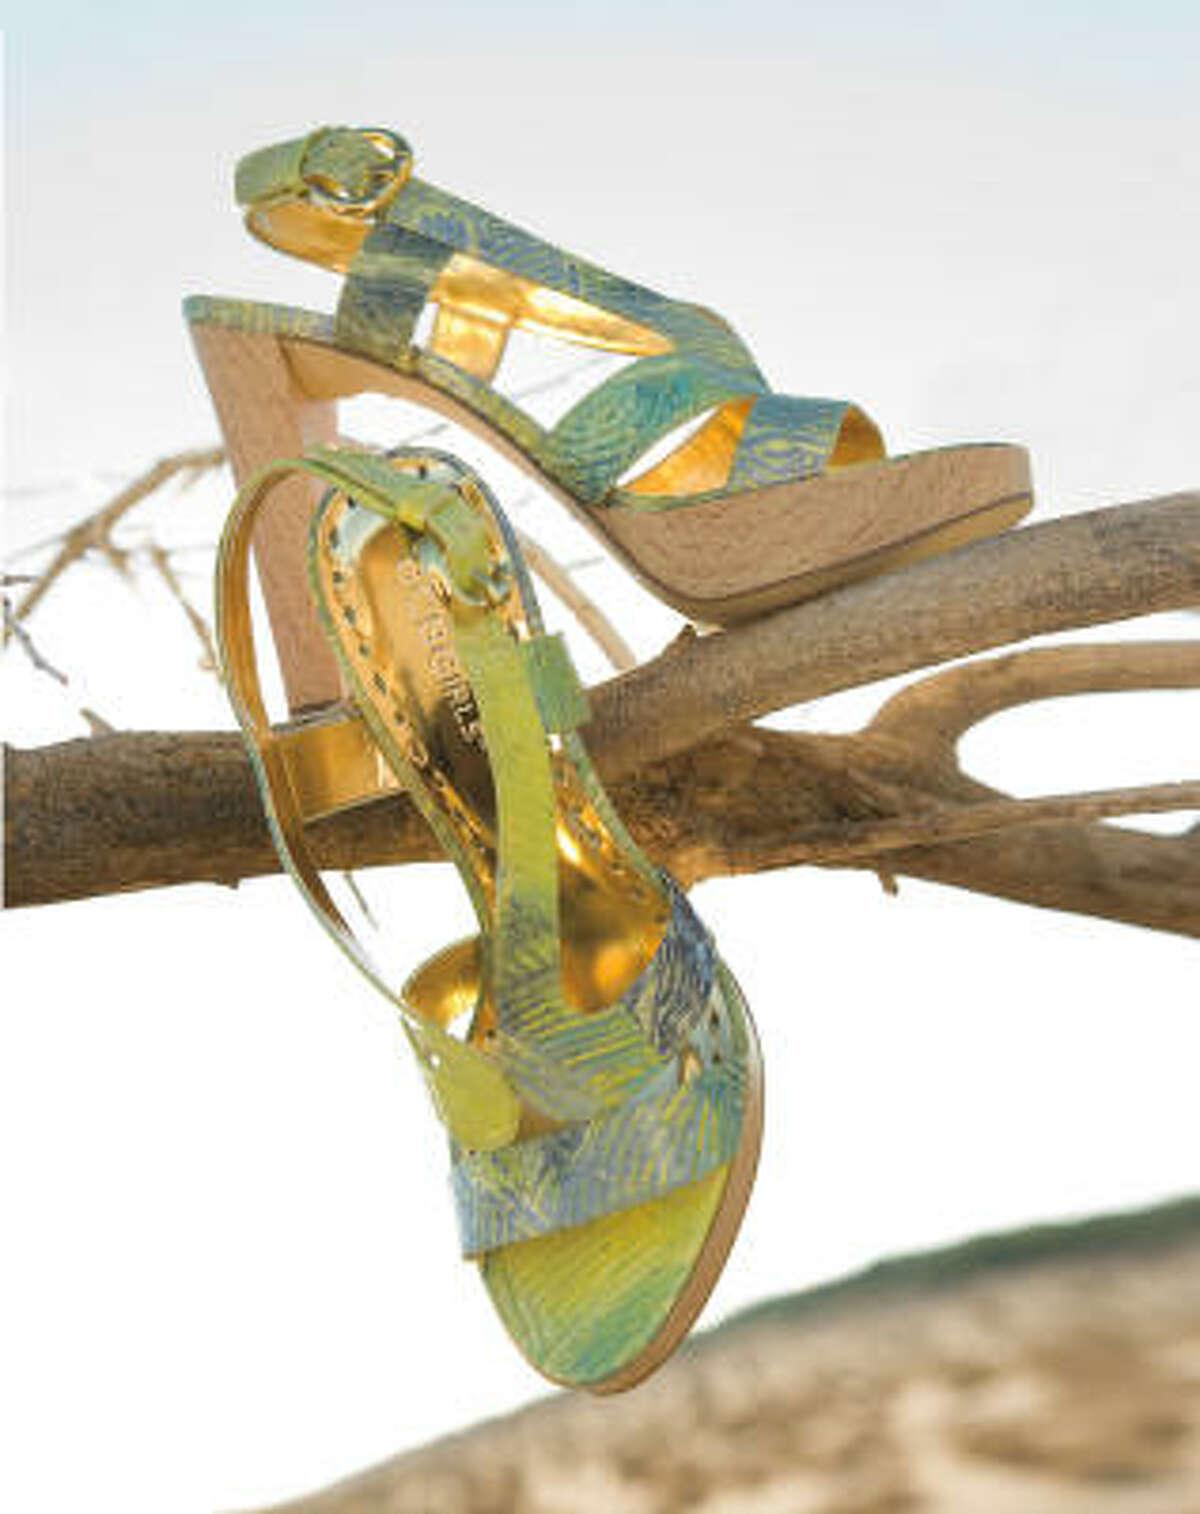 BCBGirls wall sandal in key lime art snake - $110, Macy's